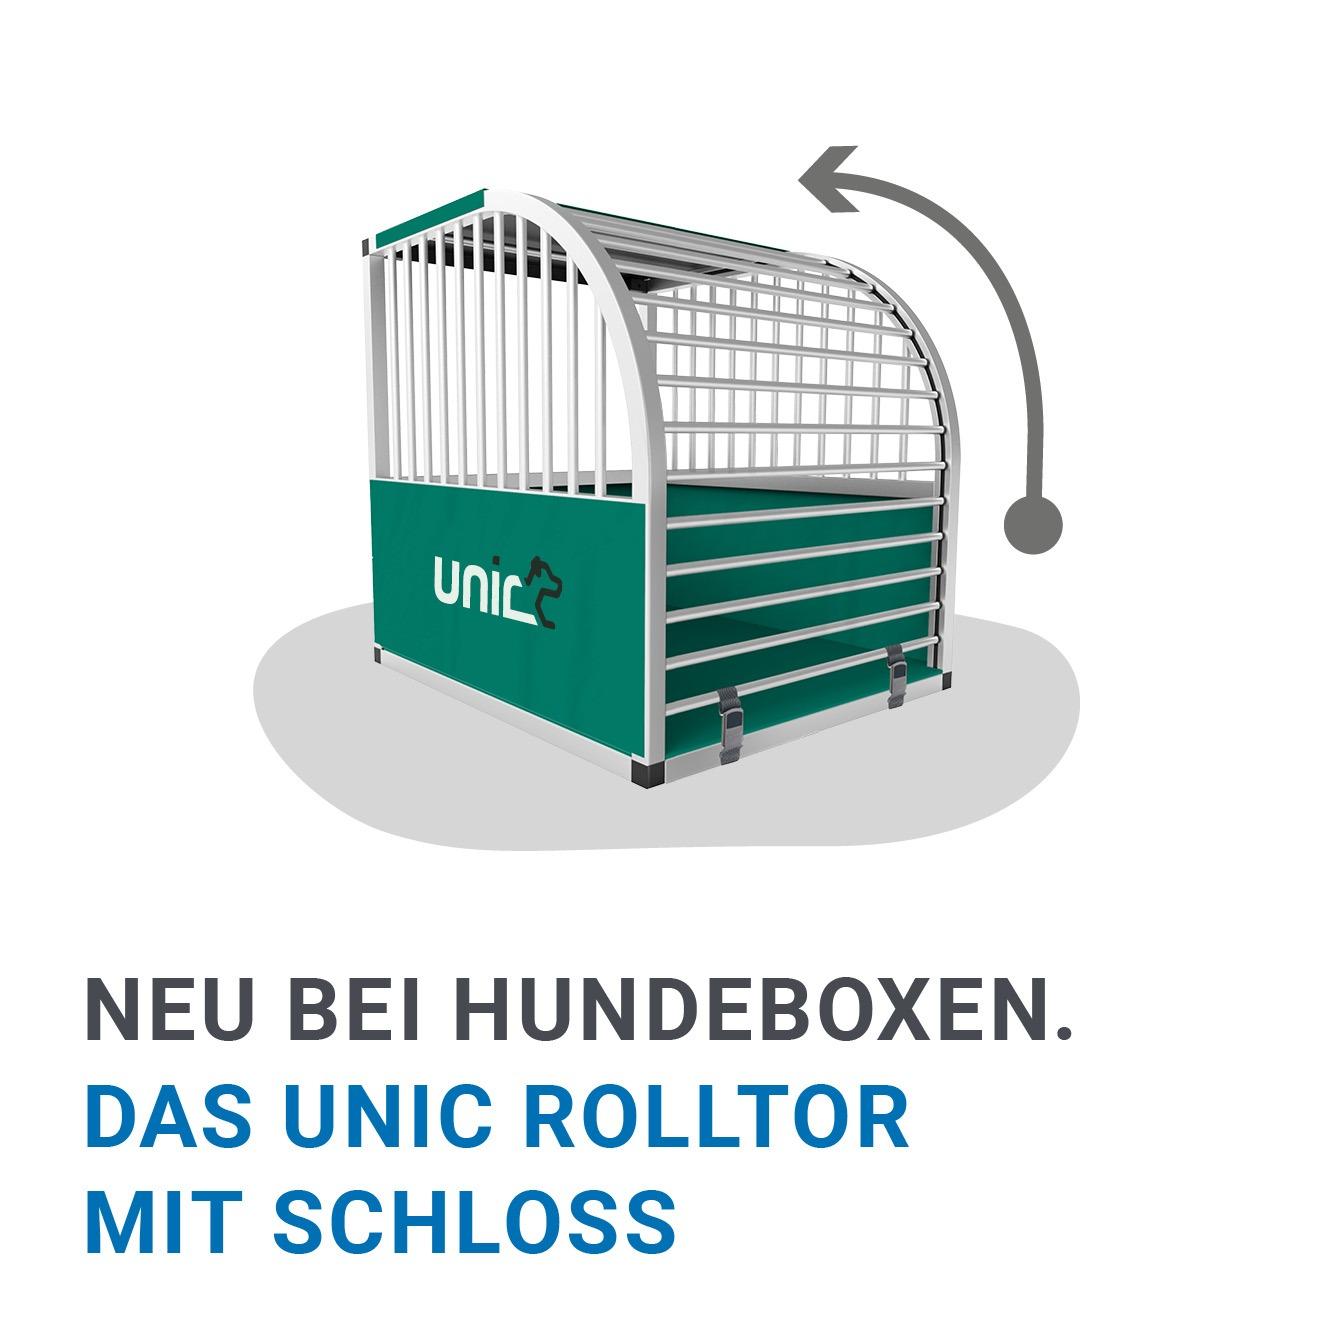 unic Vorteil 1 - Die Alu Hundeboxen haben ein einzigartiges Rolltor-System